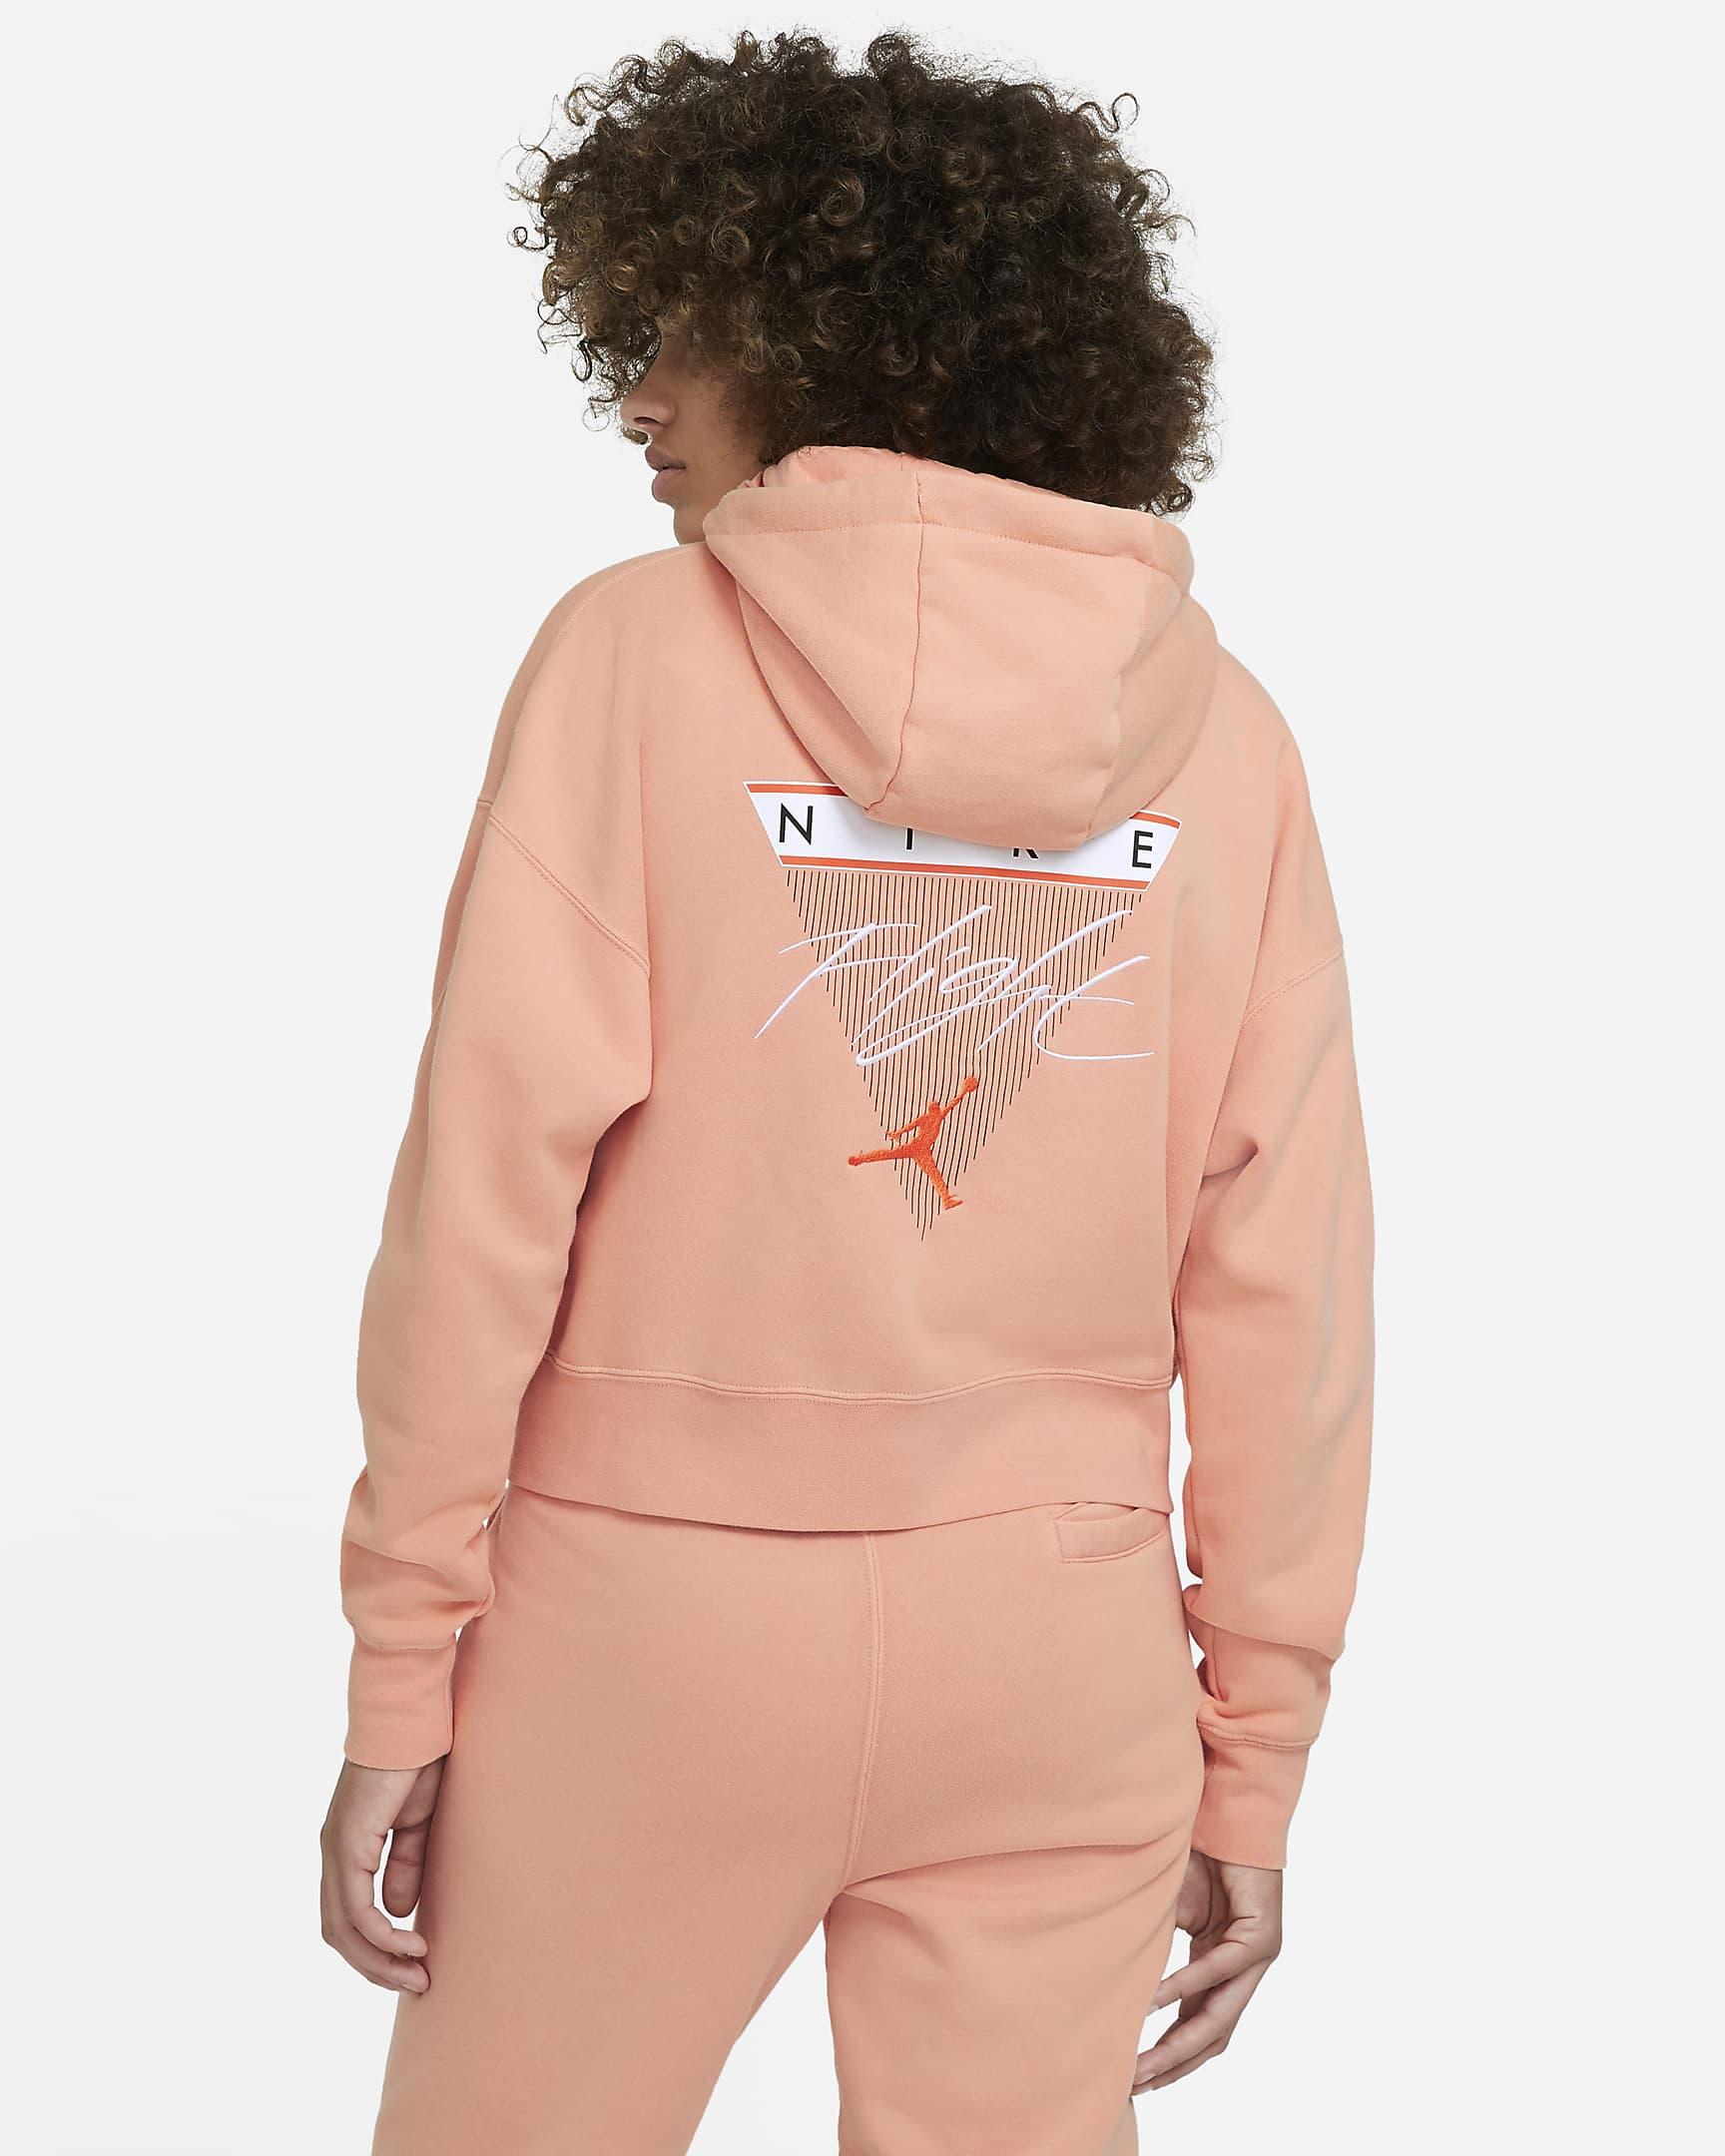 jordan-flight-womens-fleece-pullover-hoodie-wJP95l-3